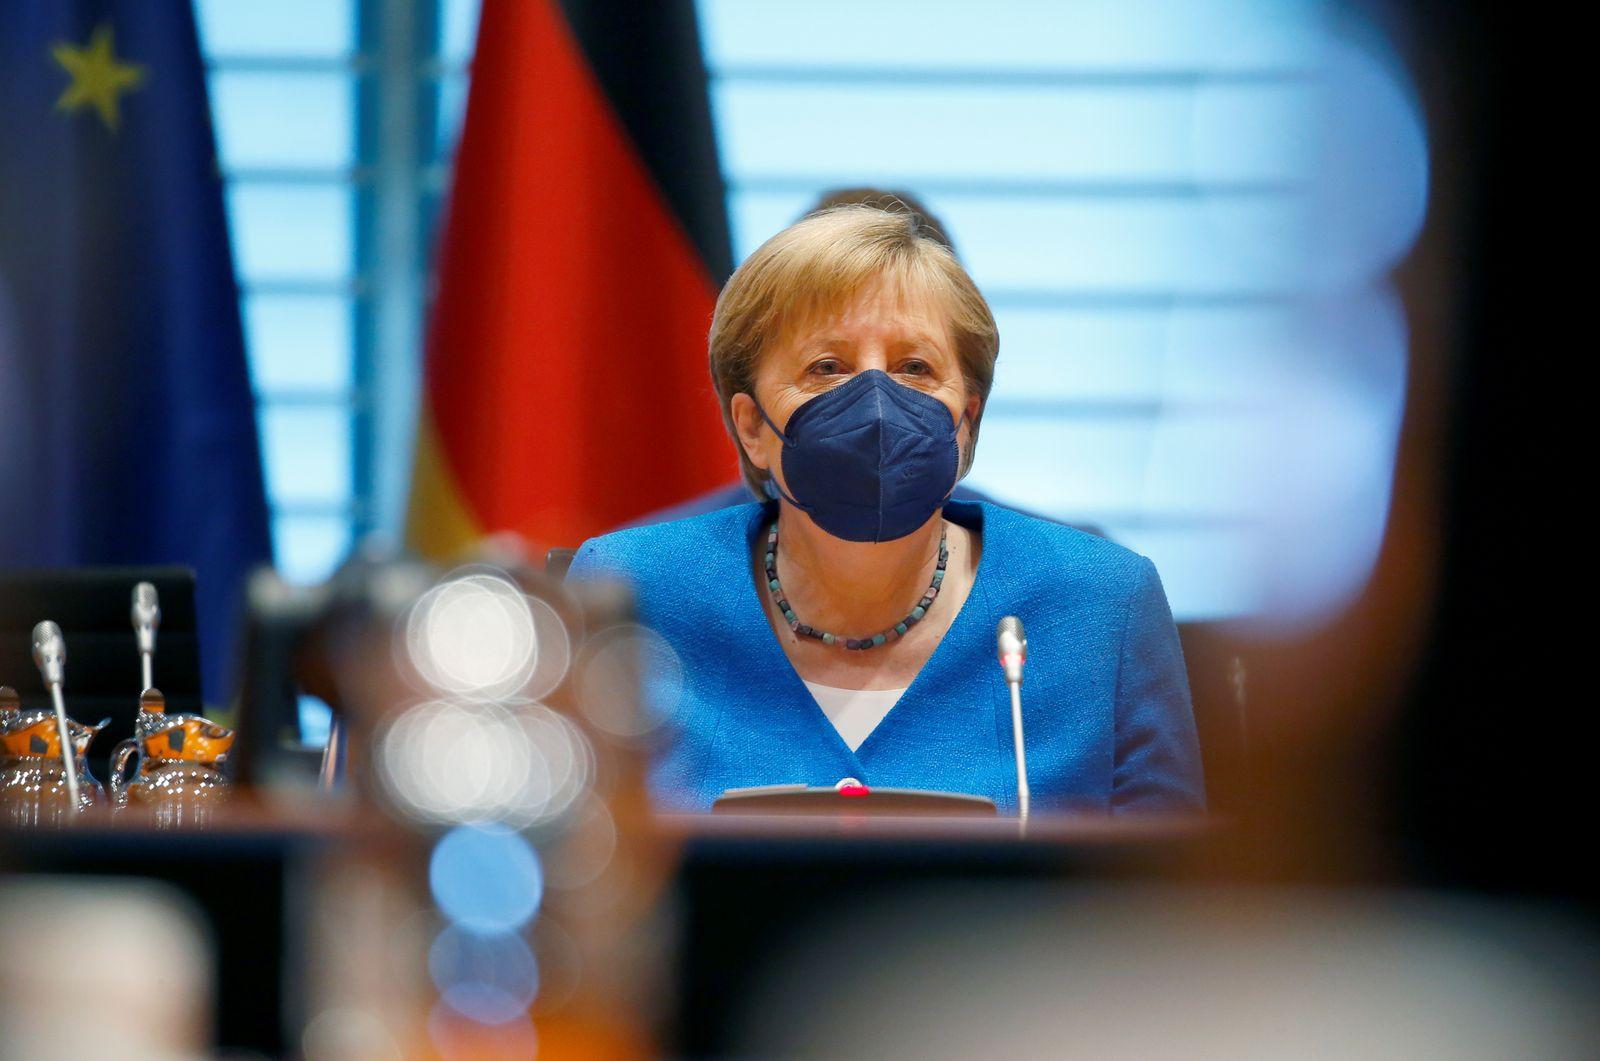 Weekly German cabinet meeting in Berlin